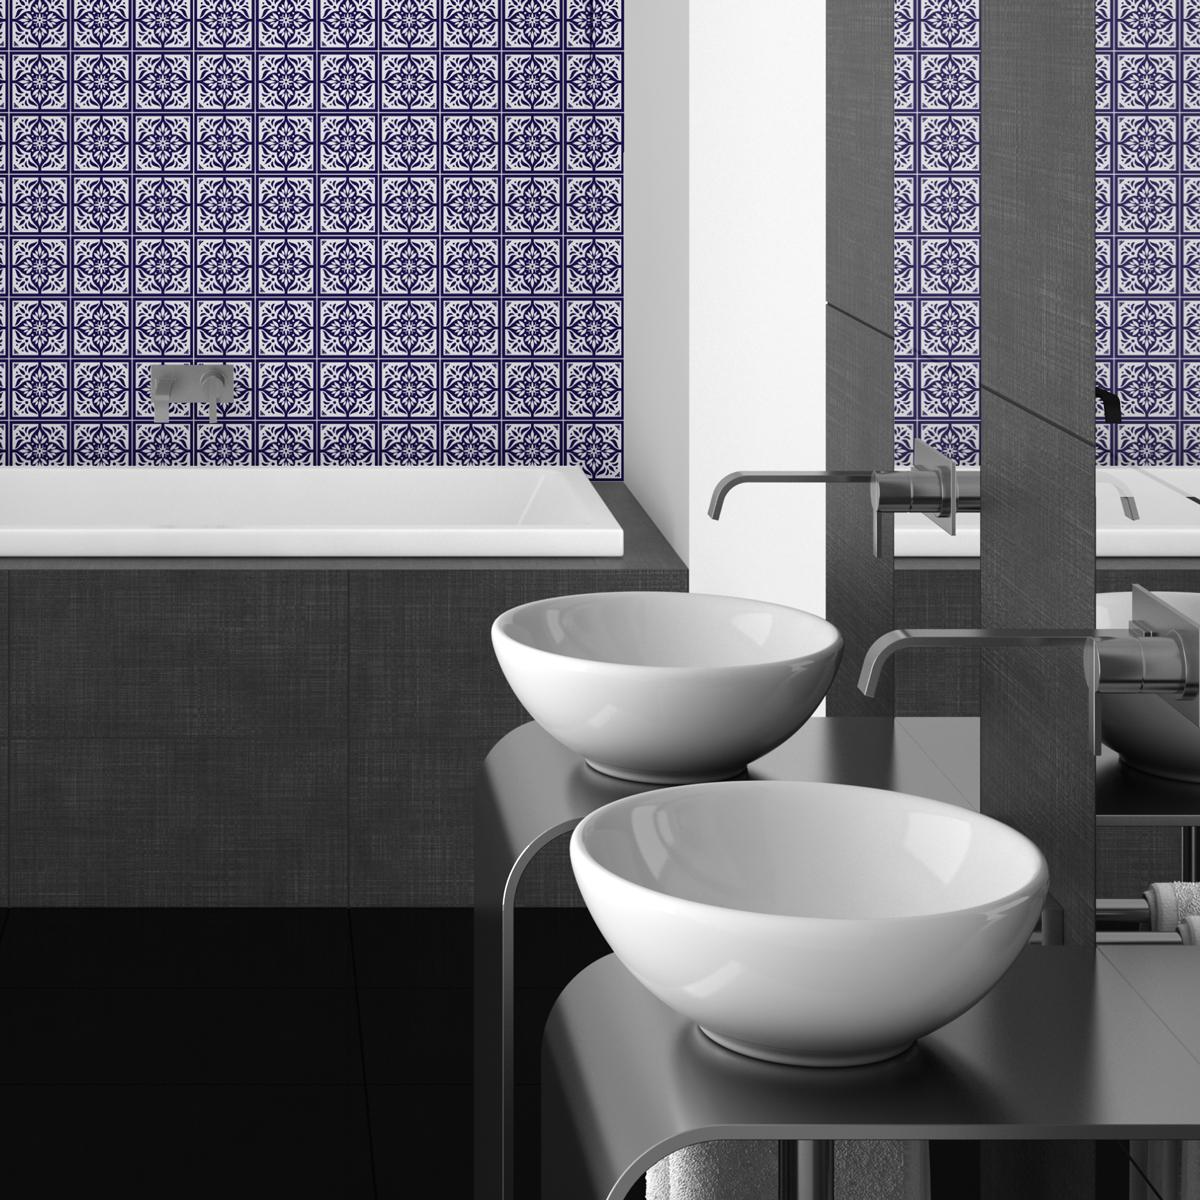 30 stickers carrelages azulejos gonzalo salle de bain et wc salle de bain ambiance sticker. Black Bedroom Furniture Sets. Home Design Ideas